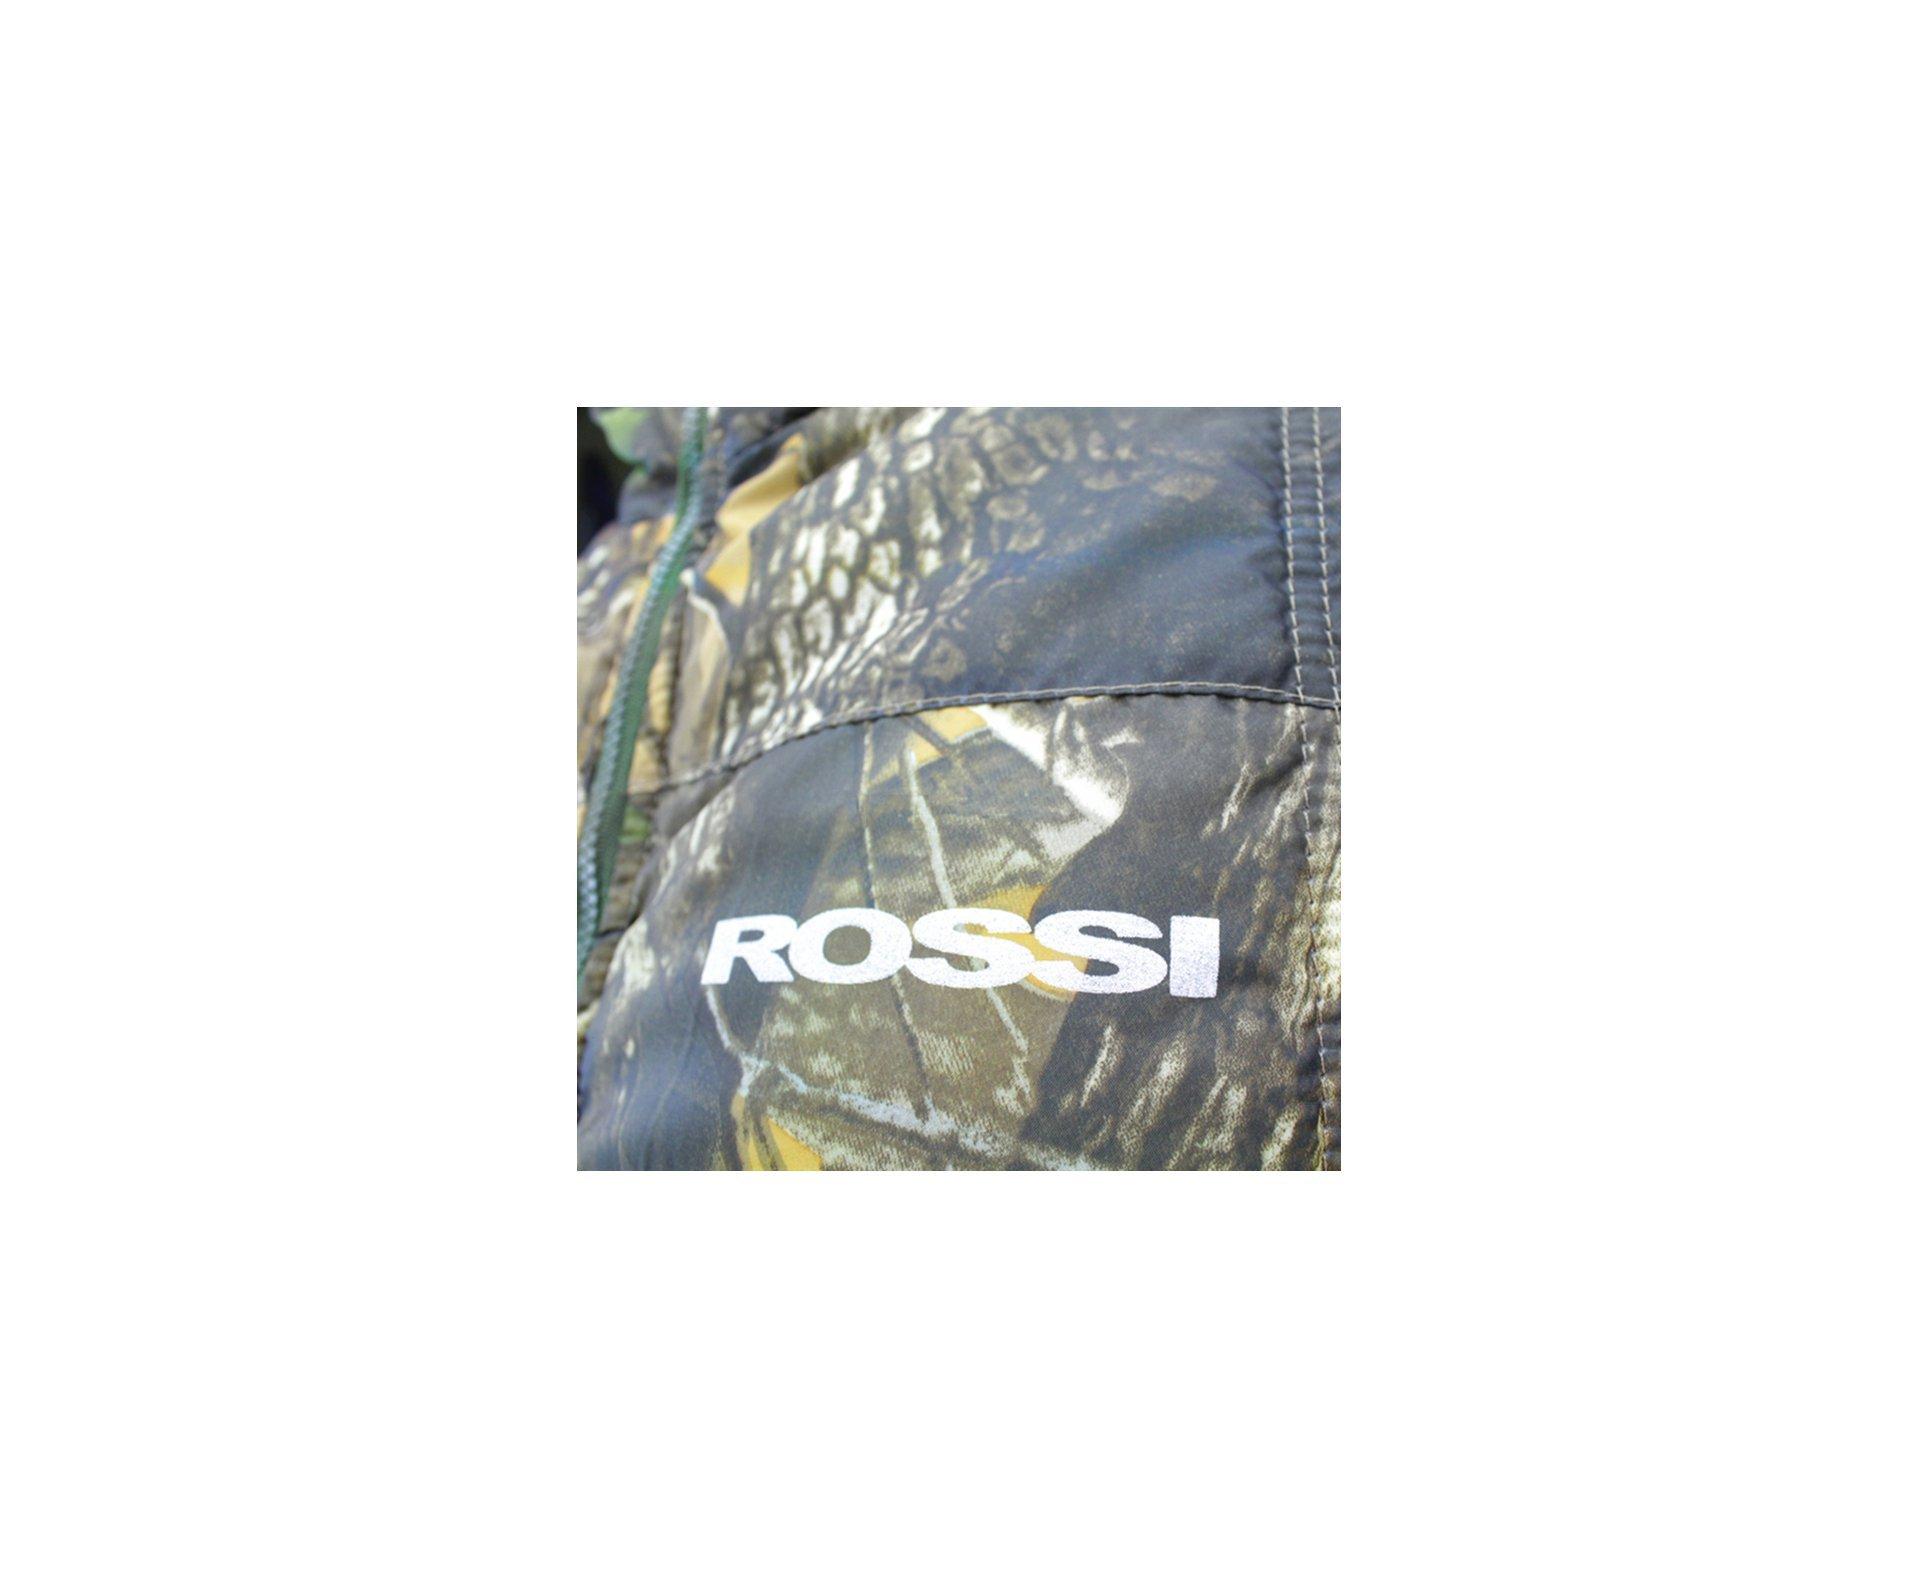 Colete Explorer Camuflado Folha Tam M - Rossi